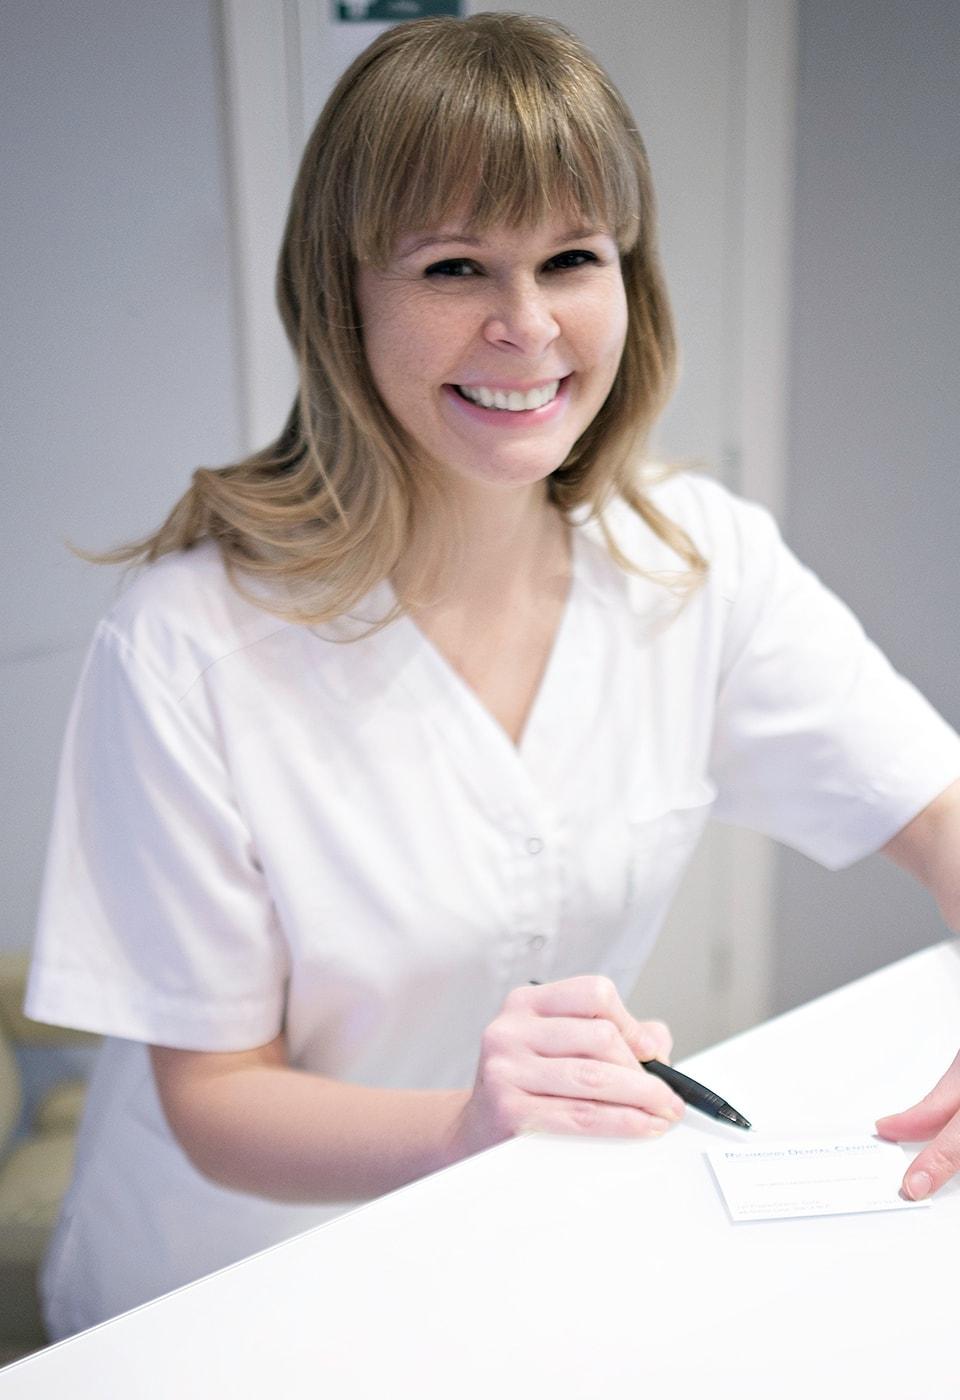 Promotorka zdrowego uśmiechu